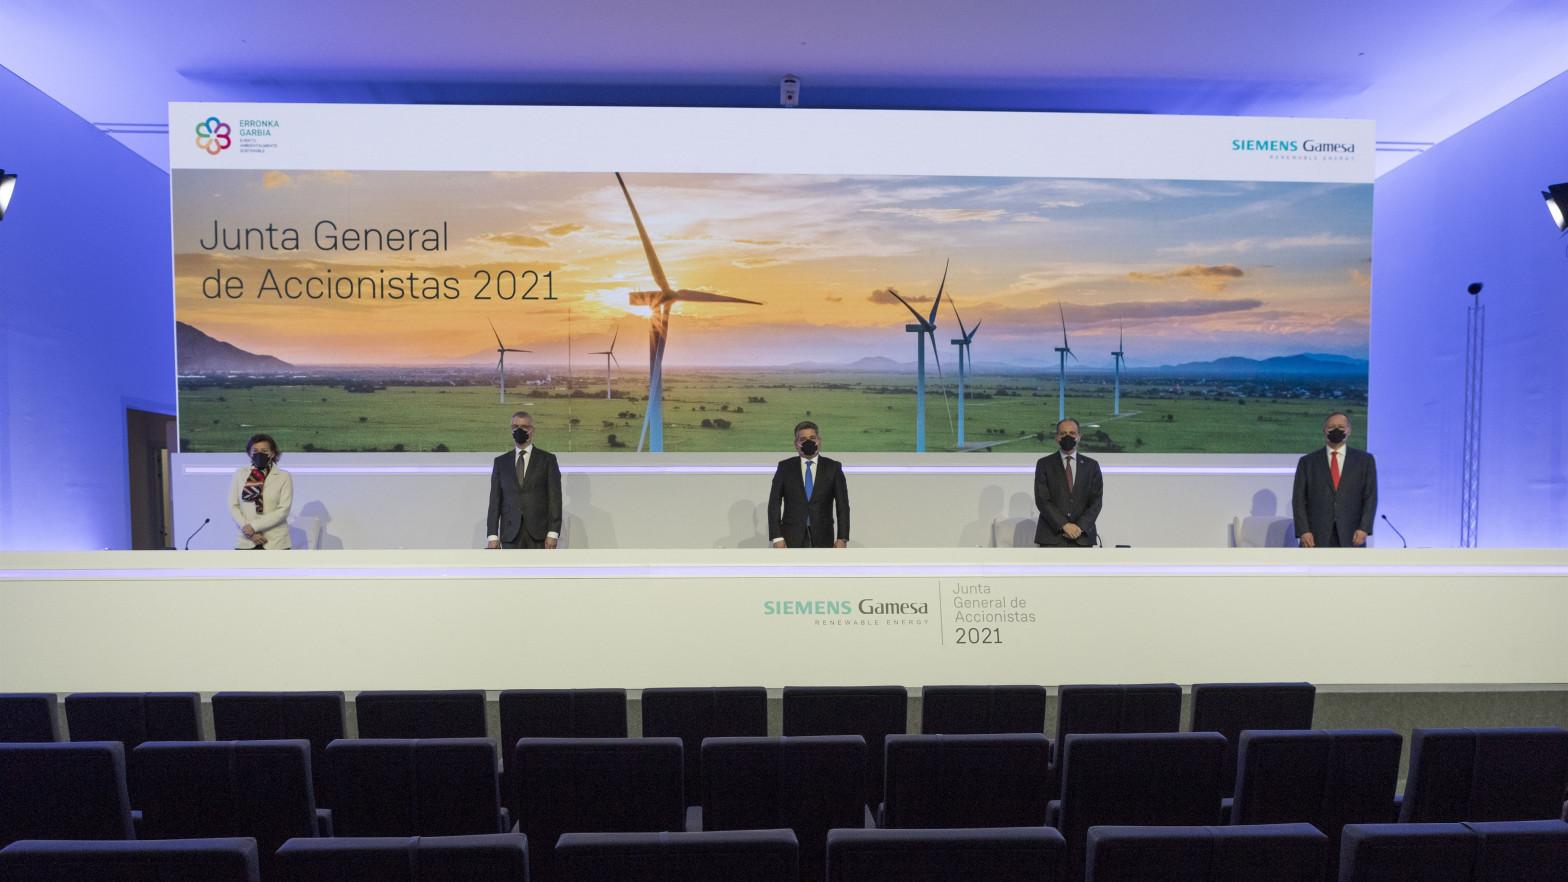 La CNMV suspende la cotización de Siemens Gamesa ante una posible OPA de exclusión